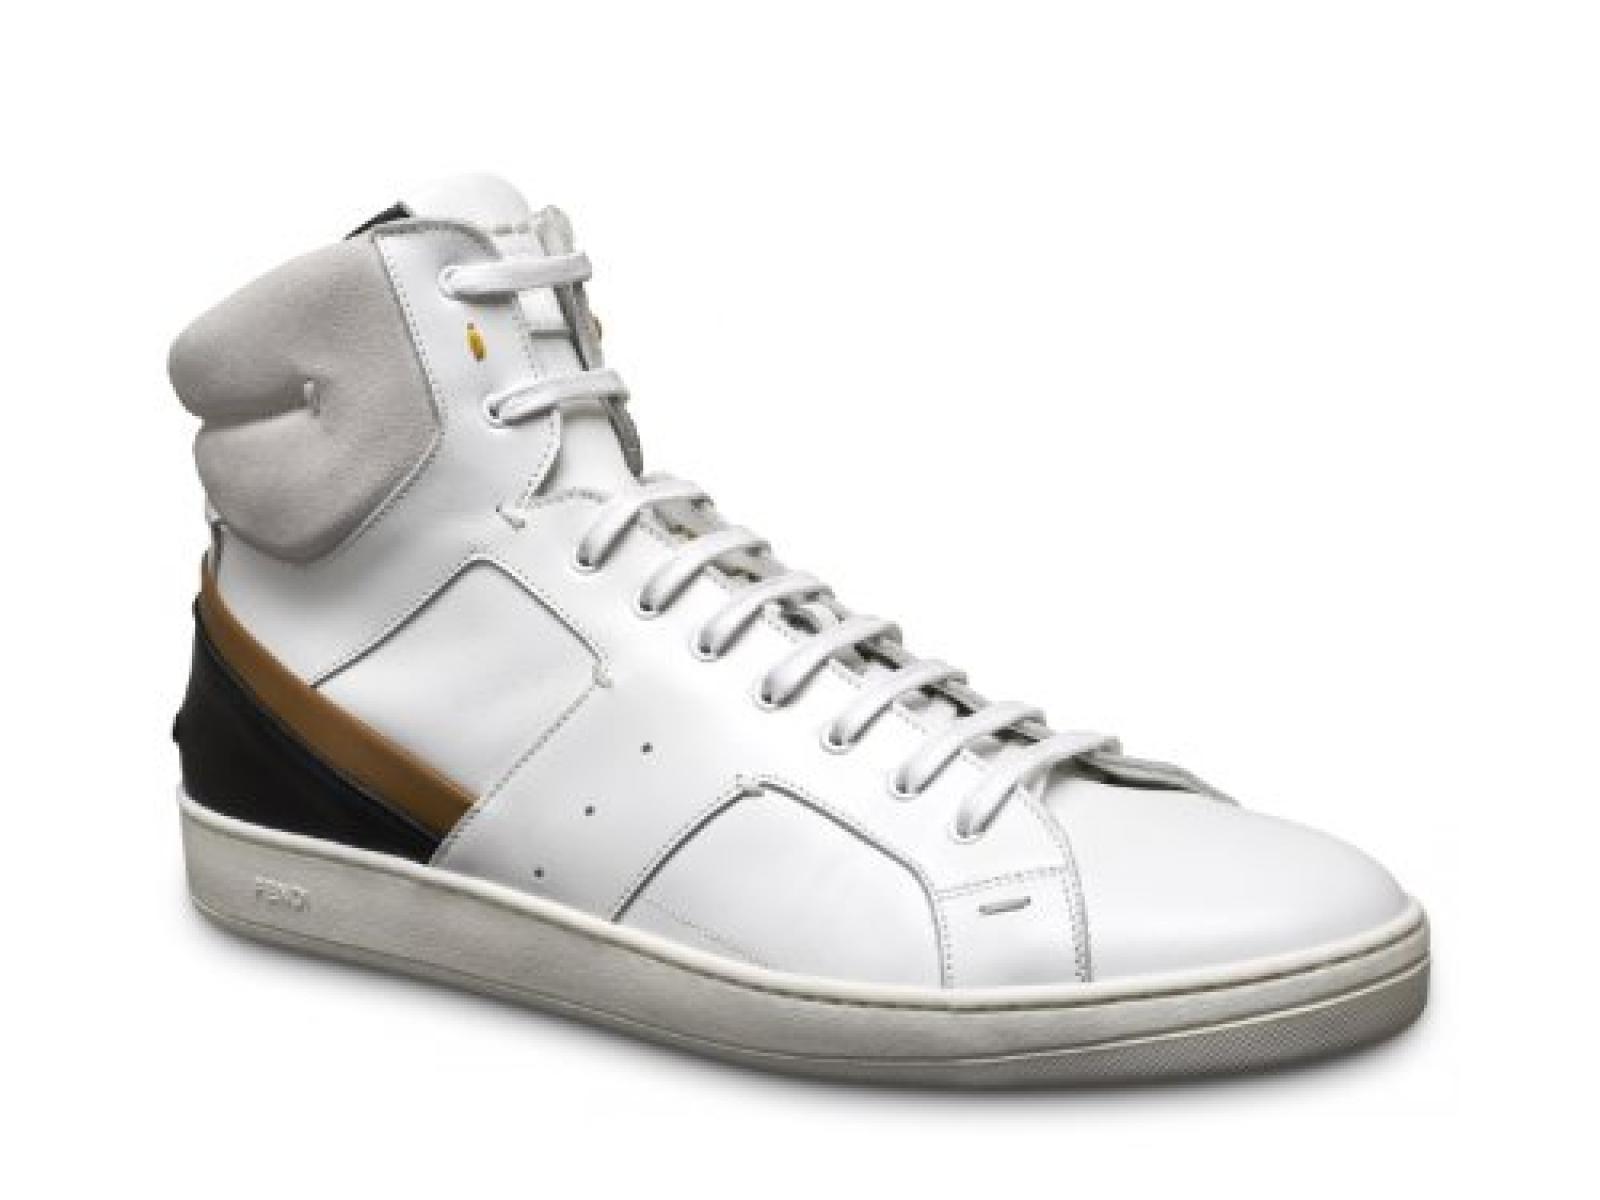 Fendi Herren hohe Sneaker aus cremefarbener Leder - Modellnummer: 7E0770 L4F F0F15